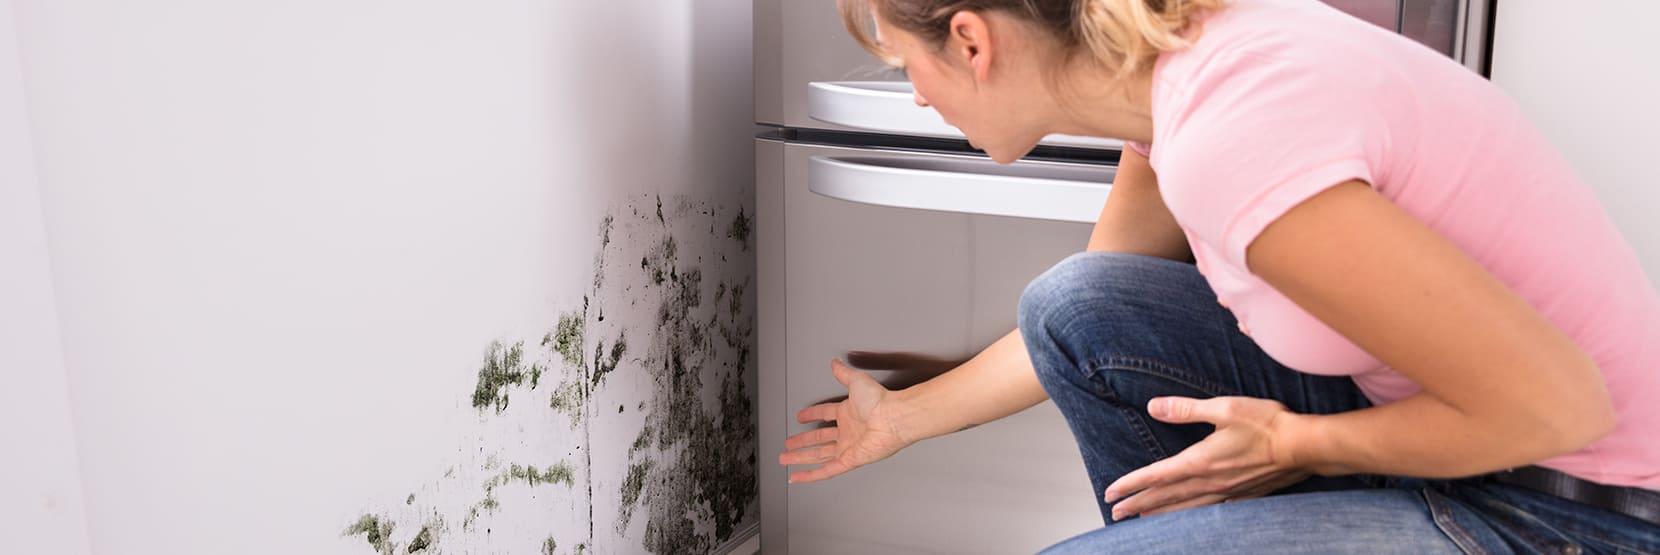 Hoe ontstaat schimmel in huis?